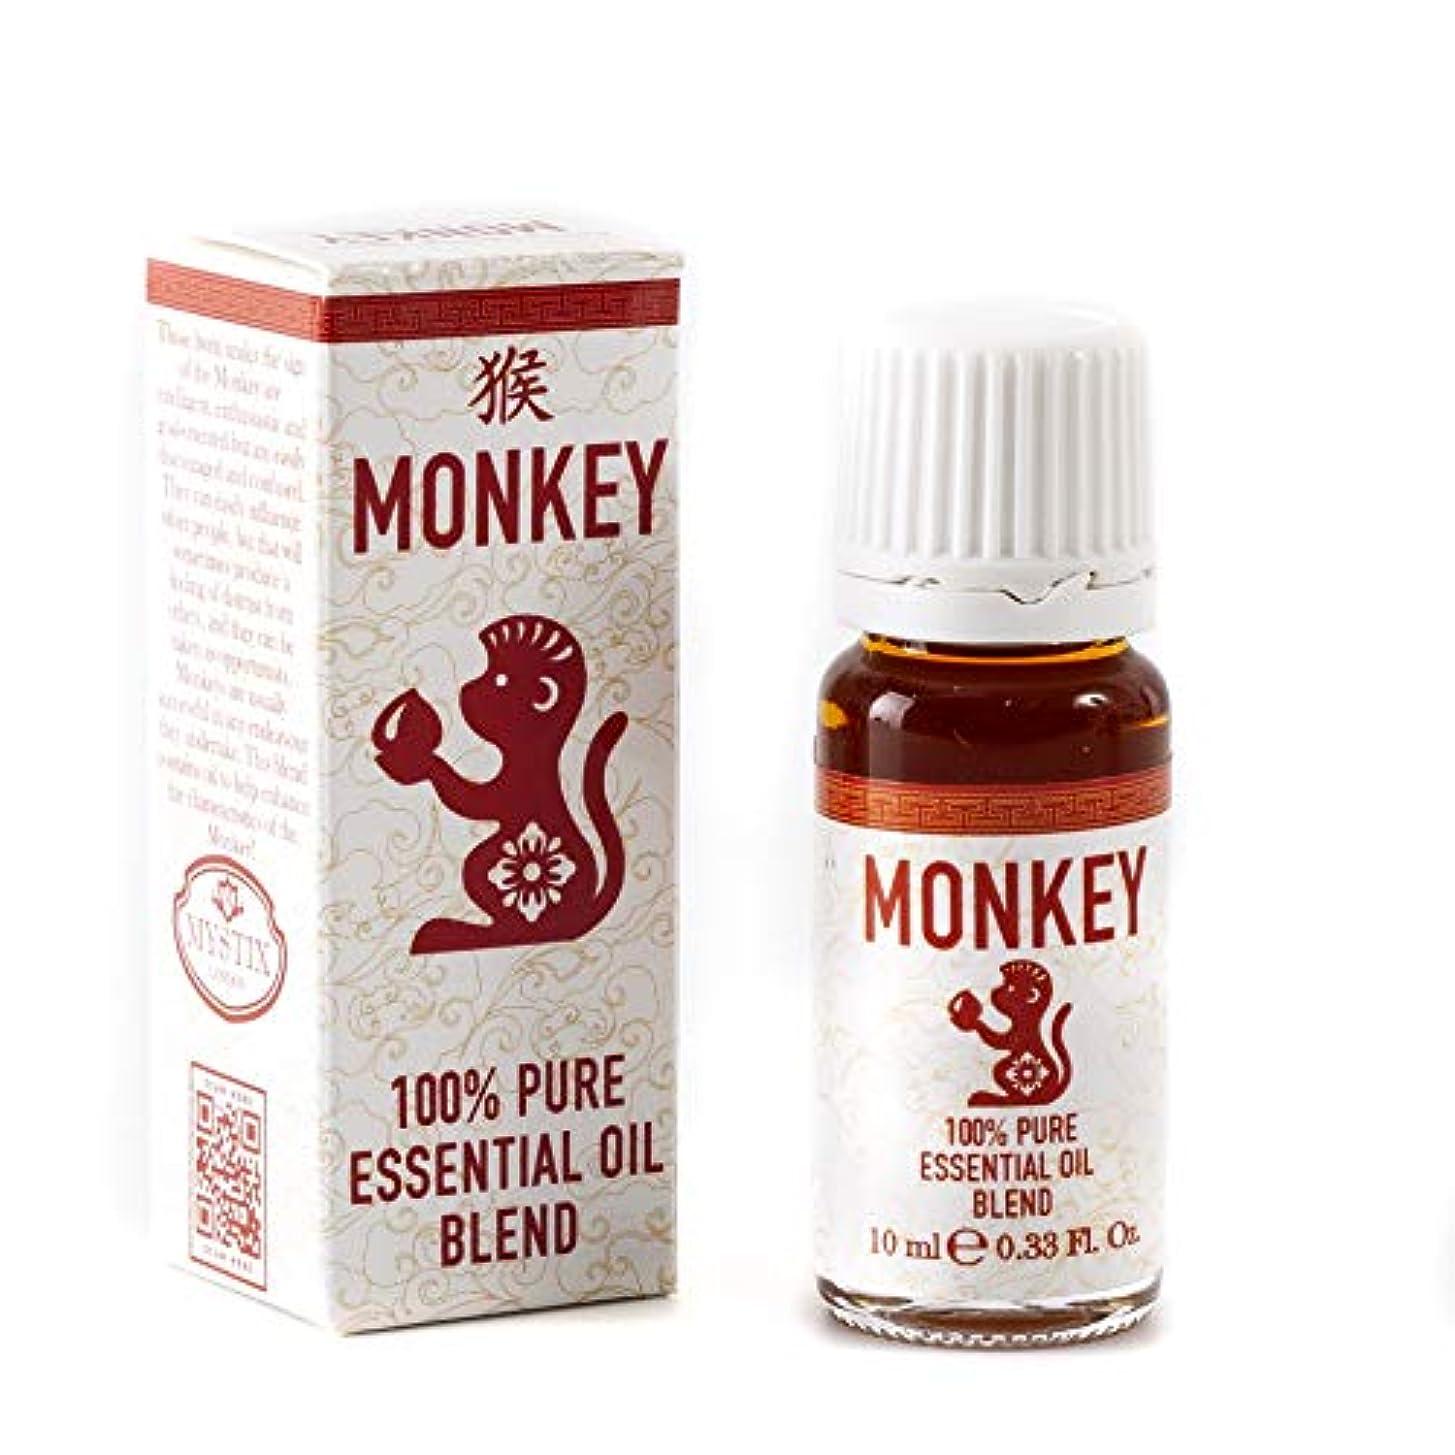 大きなスケールで見ると定刻潜水艦Mystix London | Monkey | Chinese Zodiac Essential Oil Blend 10ml